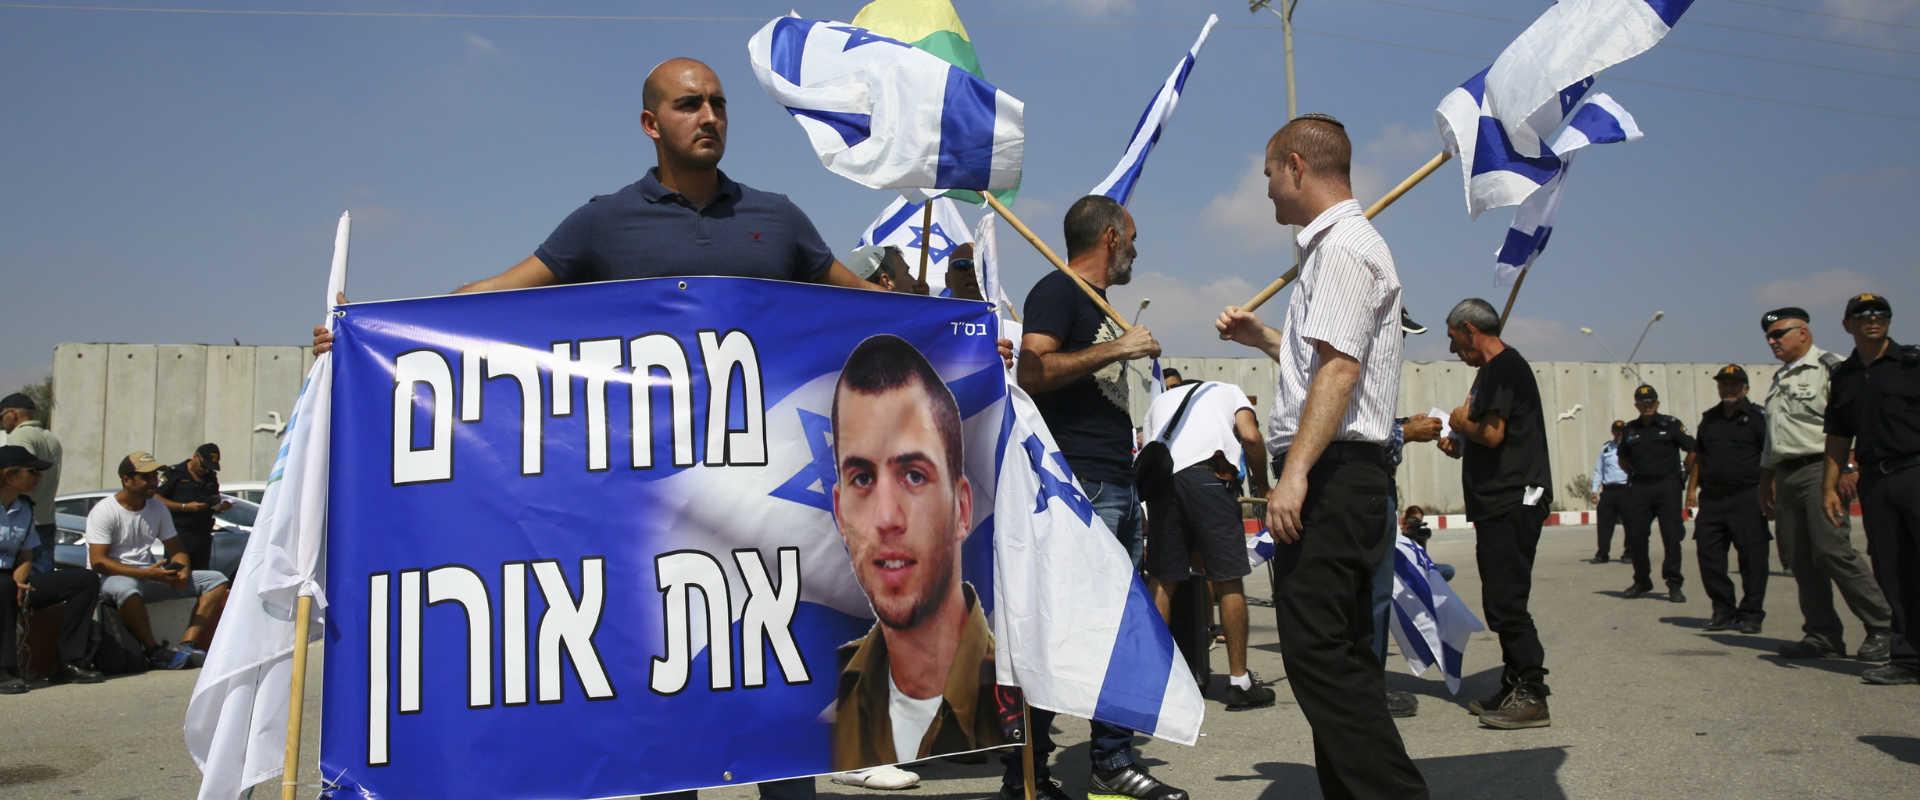 """מפגינים בעד שחרורו של סמ""""ר אורון שאול ז""""ל, שגופתו"""